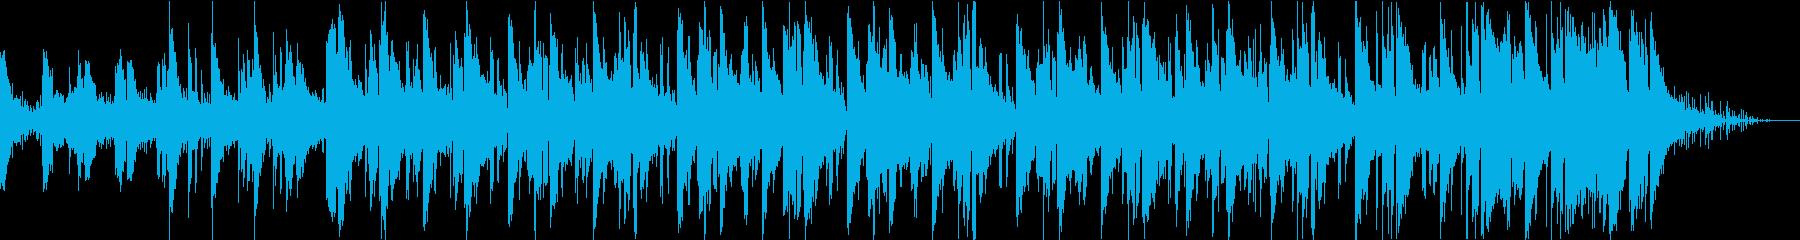 ローファイ・ジャズ・チル・メロウ・大人の再生済みの波形